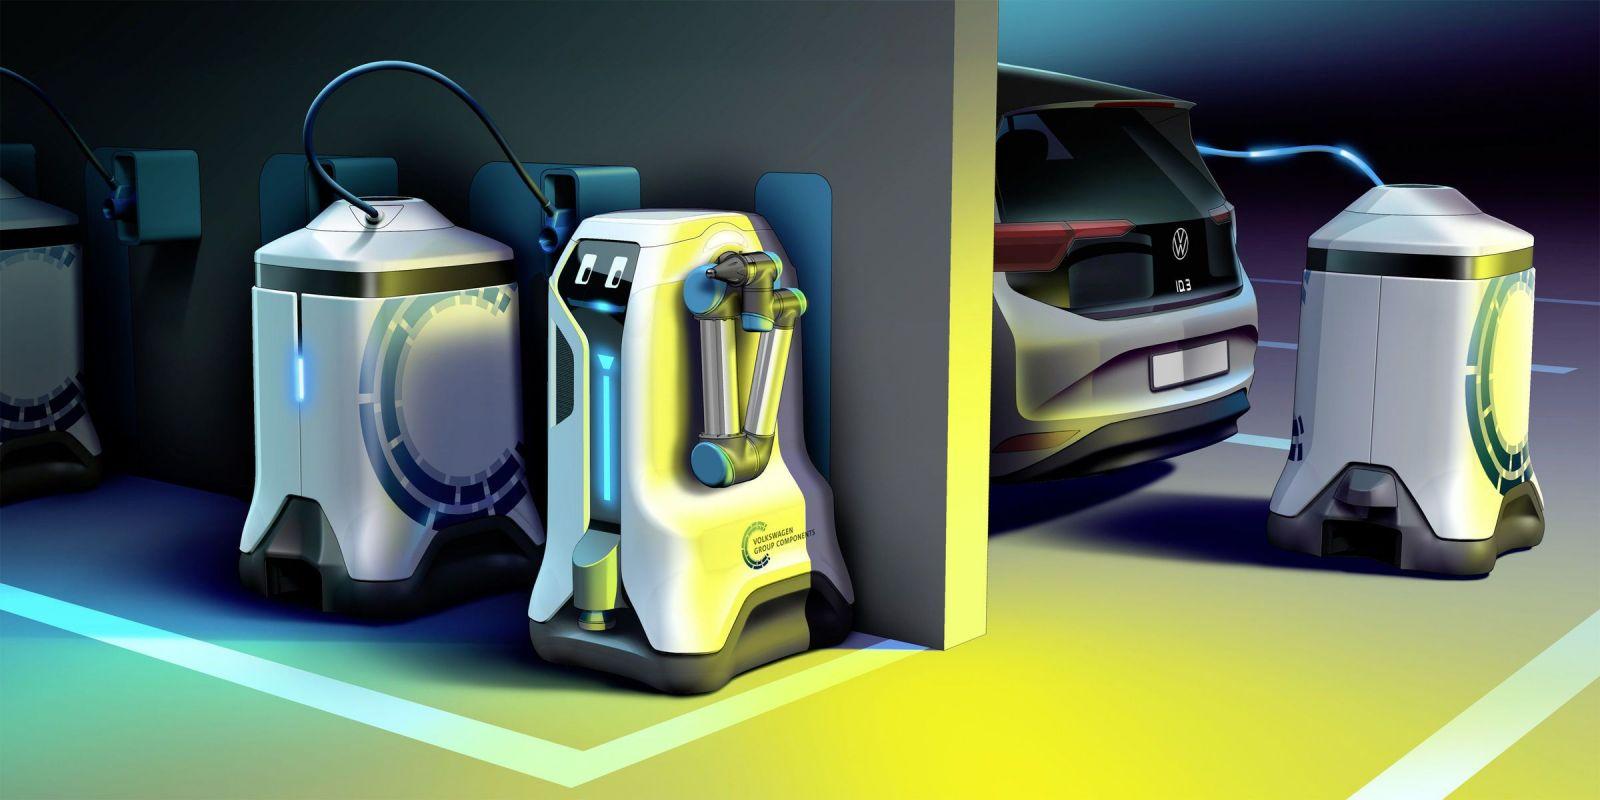 Volkswagen predstavil robota, ktorý tvoj elektromobil dobije kdekoľvek. Zrejme zostane len vo forme vízie